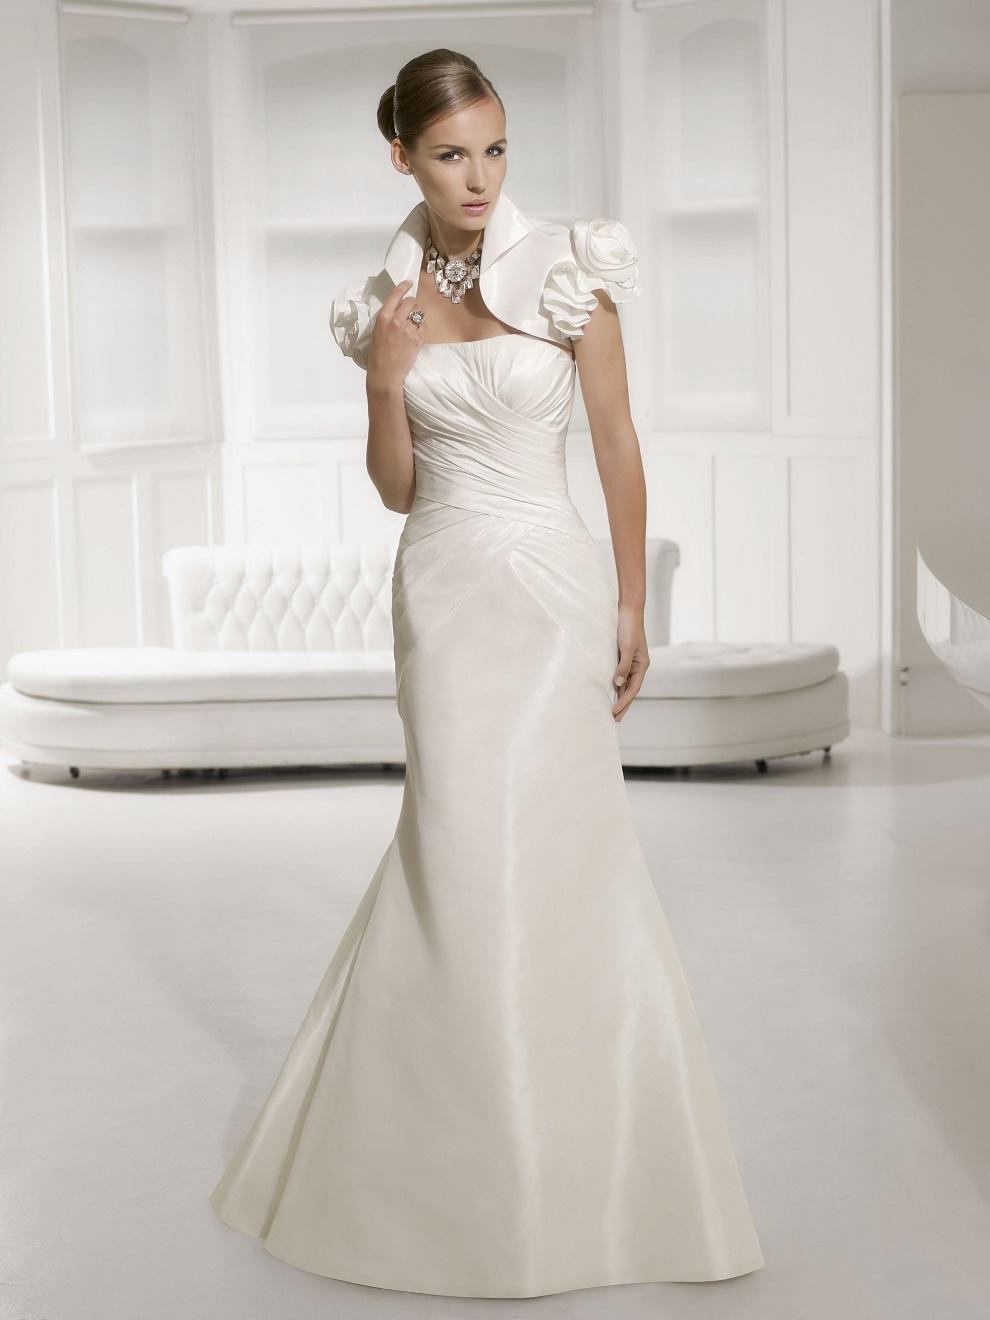 Abiti da sposa economici OUTLET fuori tutto a 399,00 EURO!!!  abiti ...